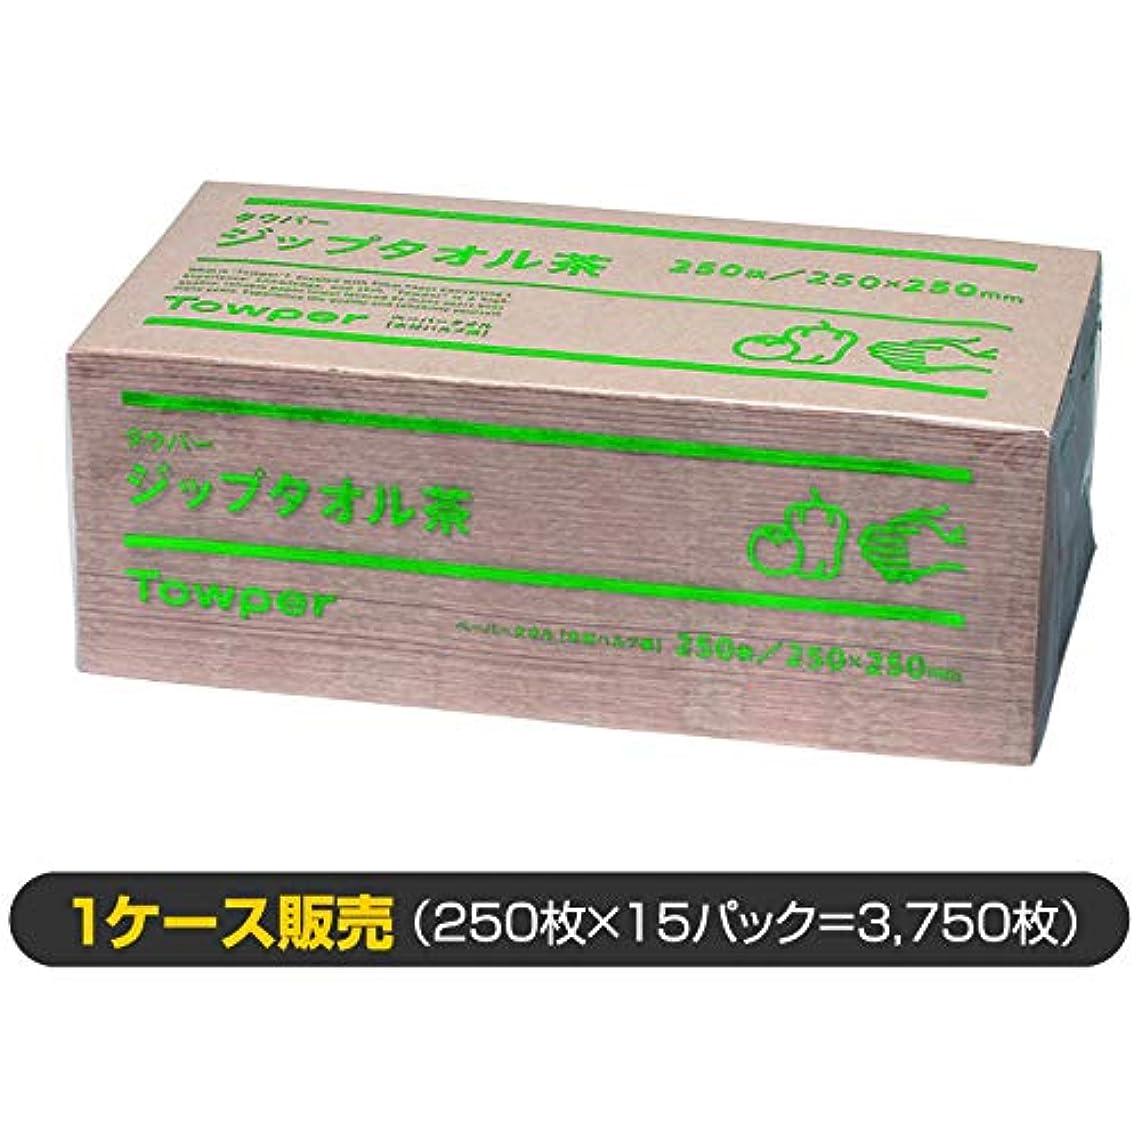 呼ぶ蒸気ペーパータオル ジップタオル(茶) /1ケース販売(清潔キレイ館/大判サイズ用)